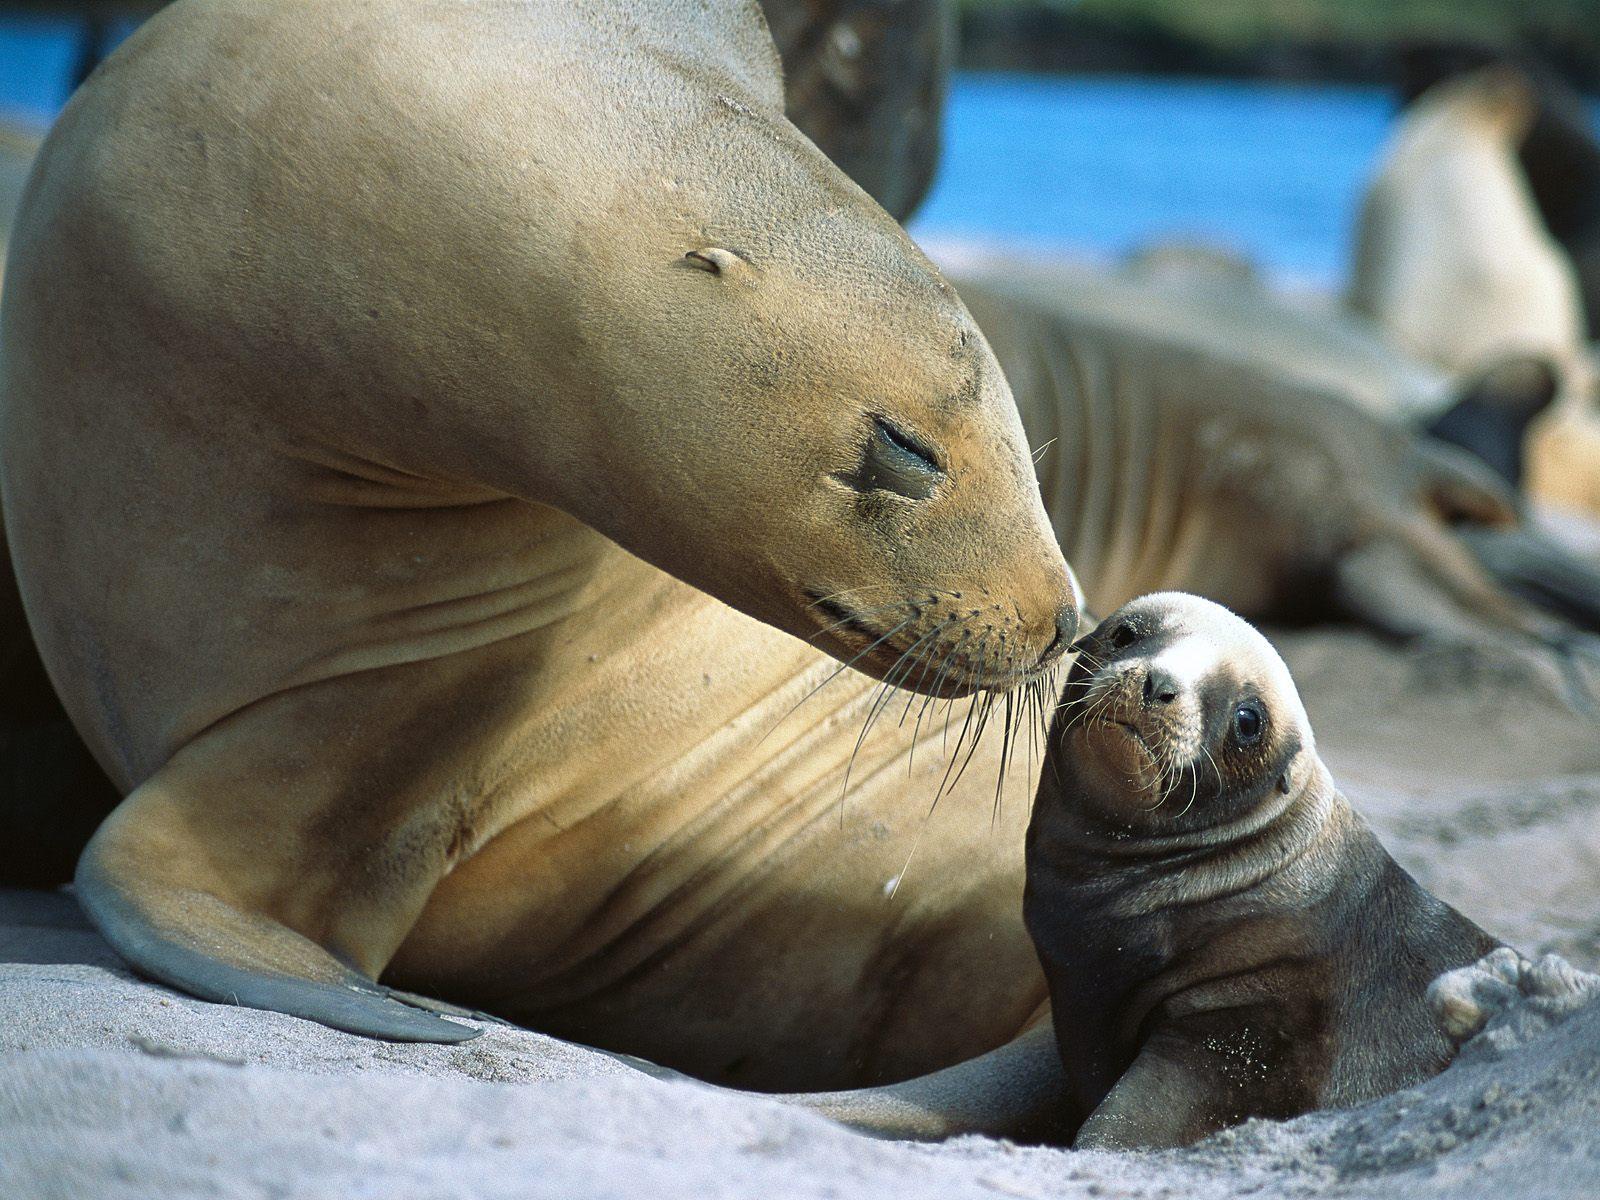 http://3.bp.blogspot.com/-_FtGyaif6gI/T6XxB-fOqKI/AAAAAAAAADQ/pOSo2YfRe-k/s1600/Antarctic_Fur_Seal.jpg